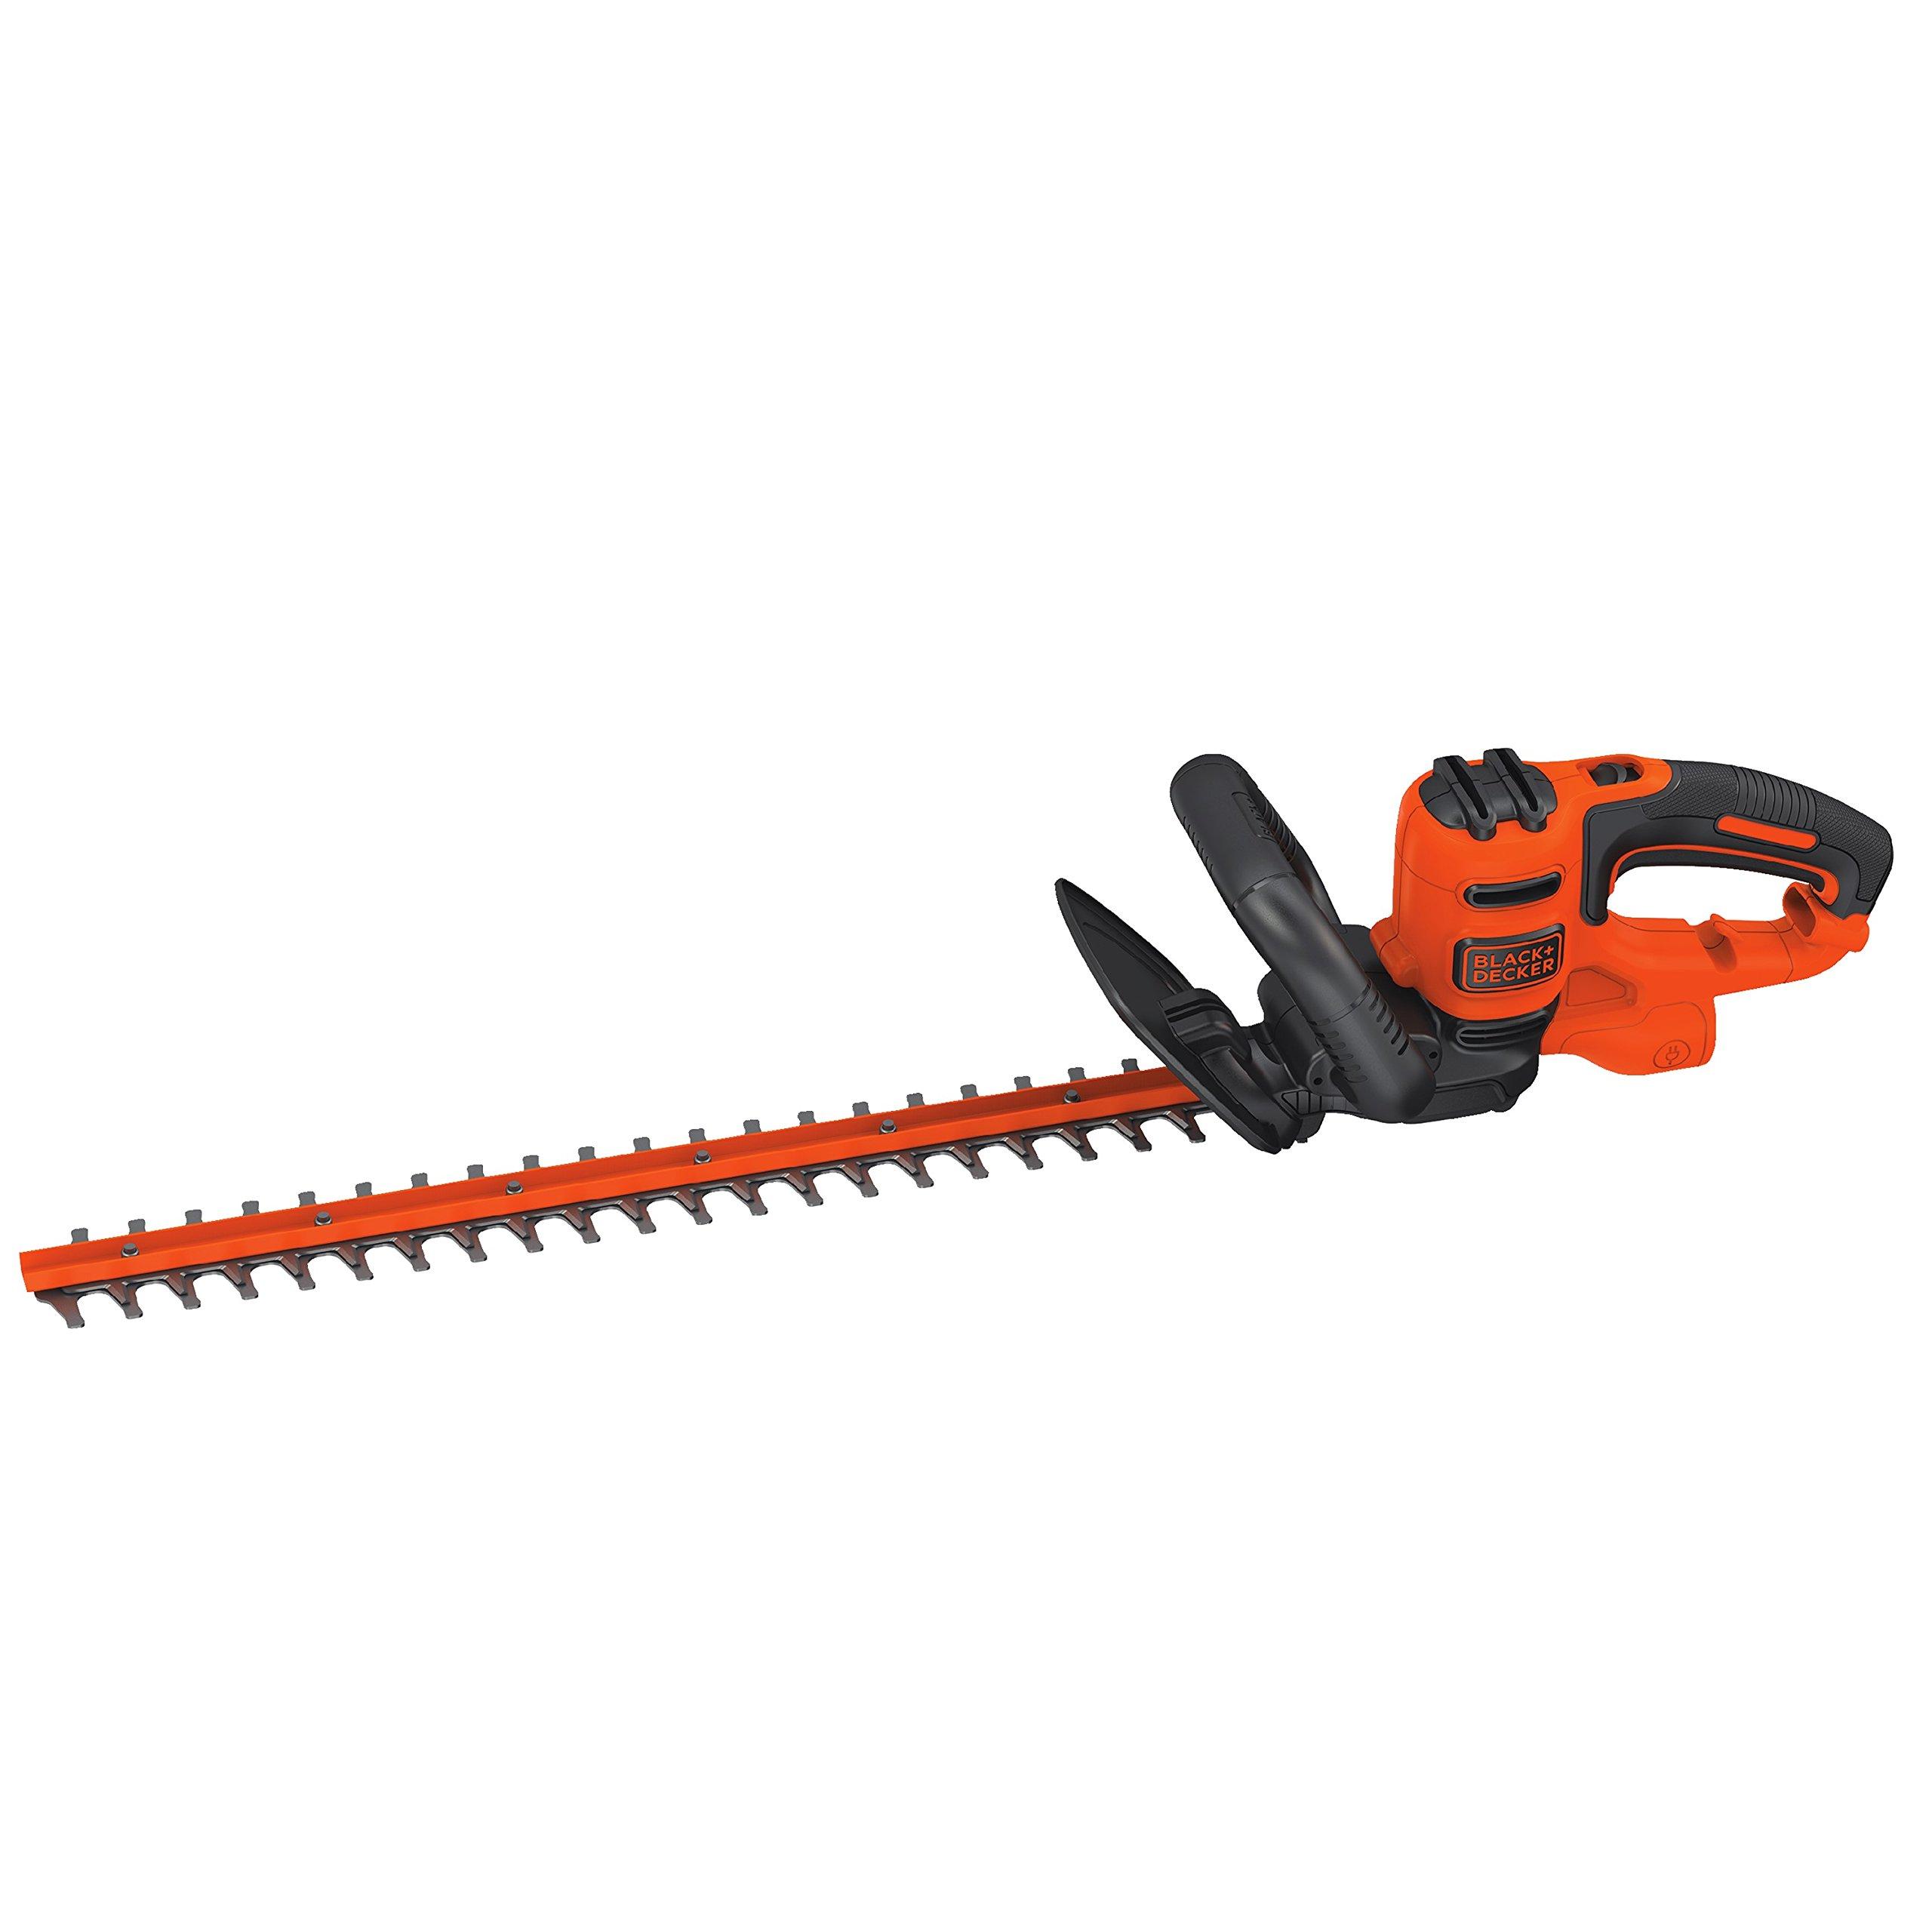 BLACK+DECKER BEHT350FF Hedge Trimmer, Orange by BLACK+DECKER